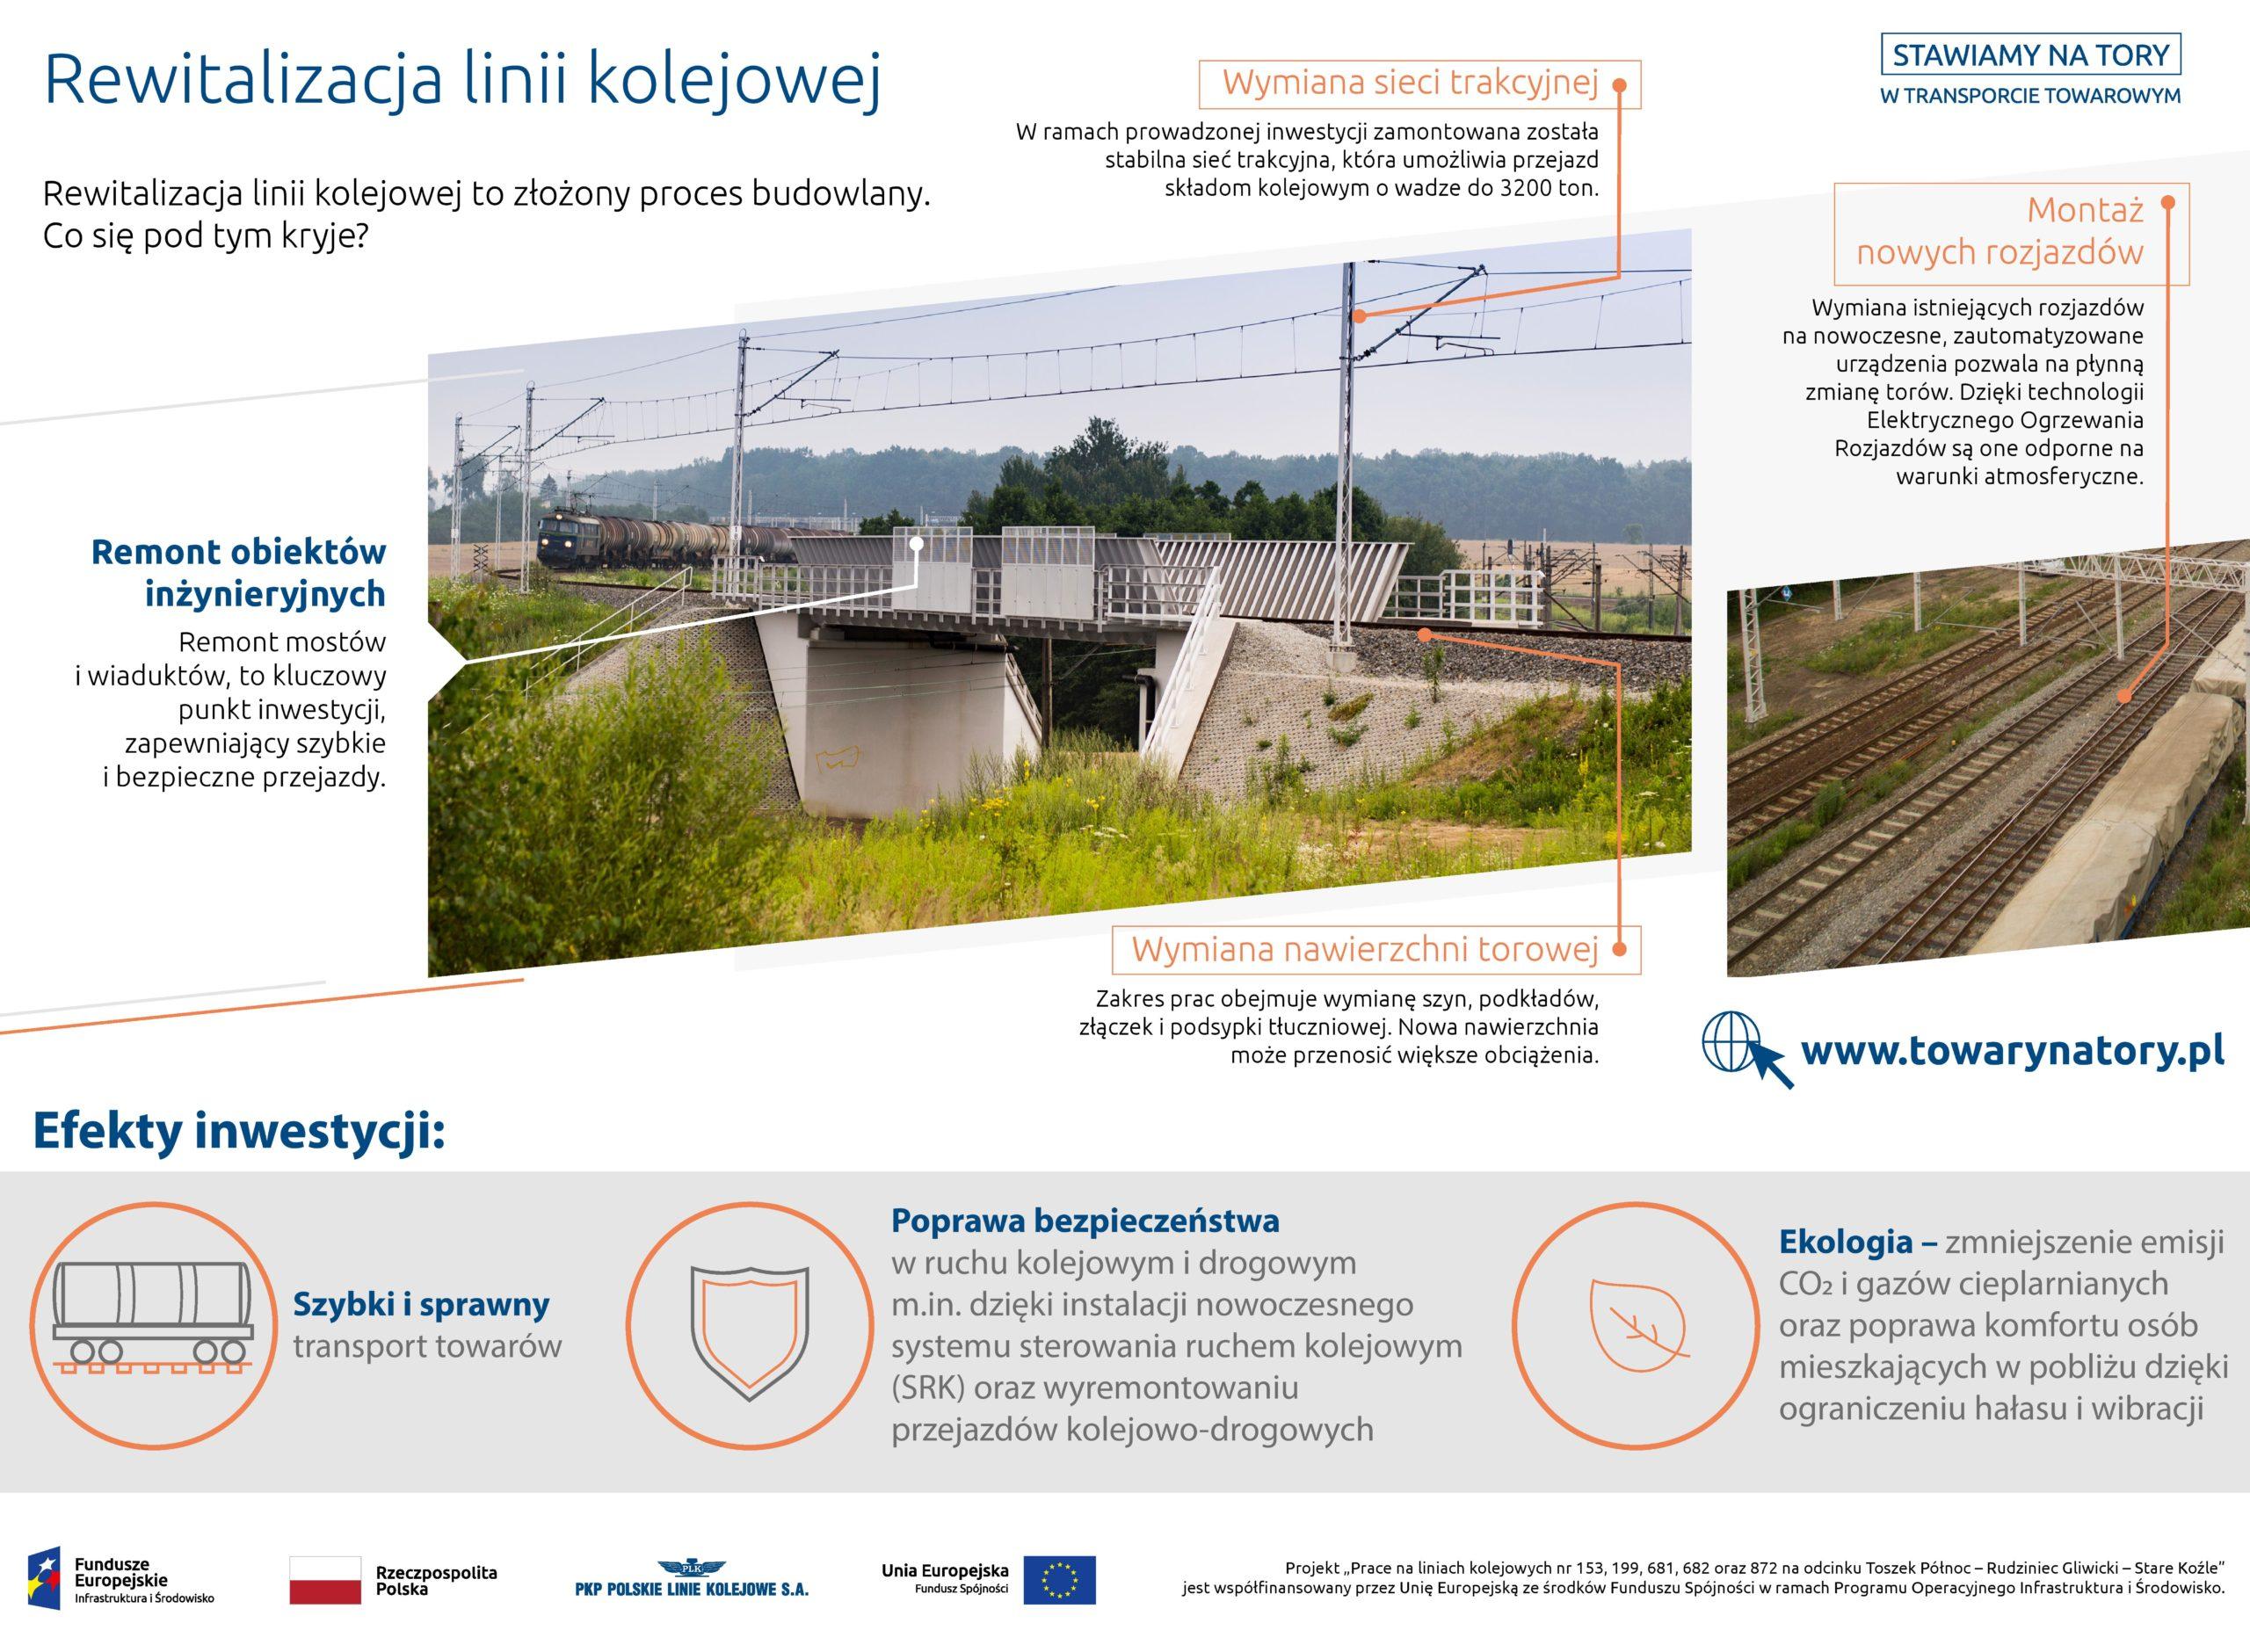 Infografika: Rewitalizacja linii kolejowej polega na remoncie obiektów inżynieryjnych, wymianie sieci trakcyjnej, montażu nowych rozjazdów i wymianie nawierzchni torowej.